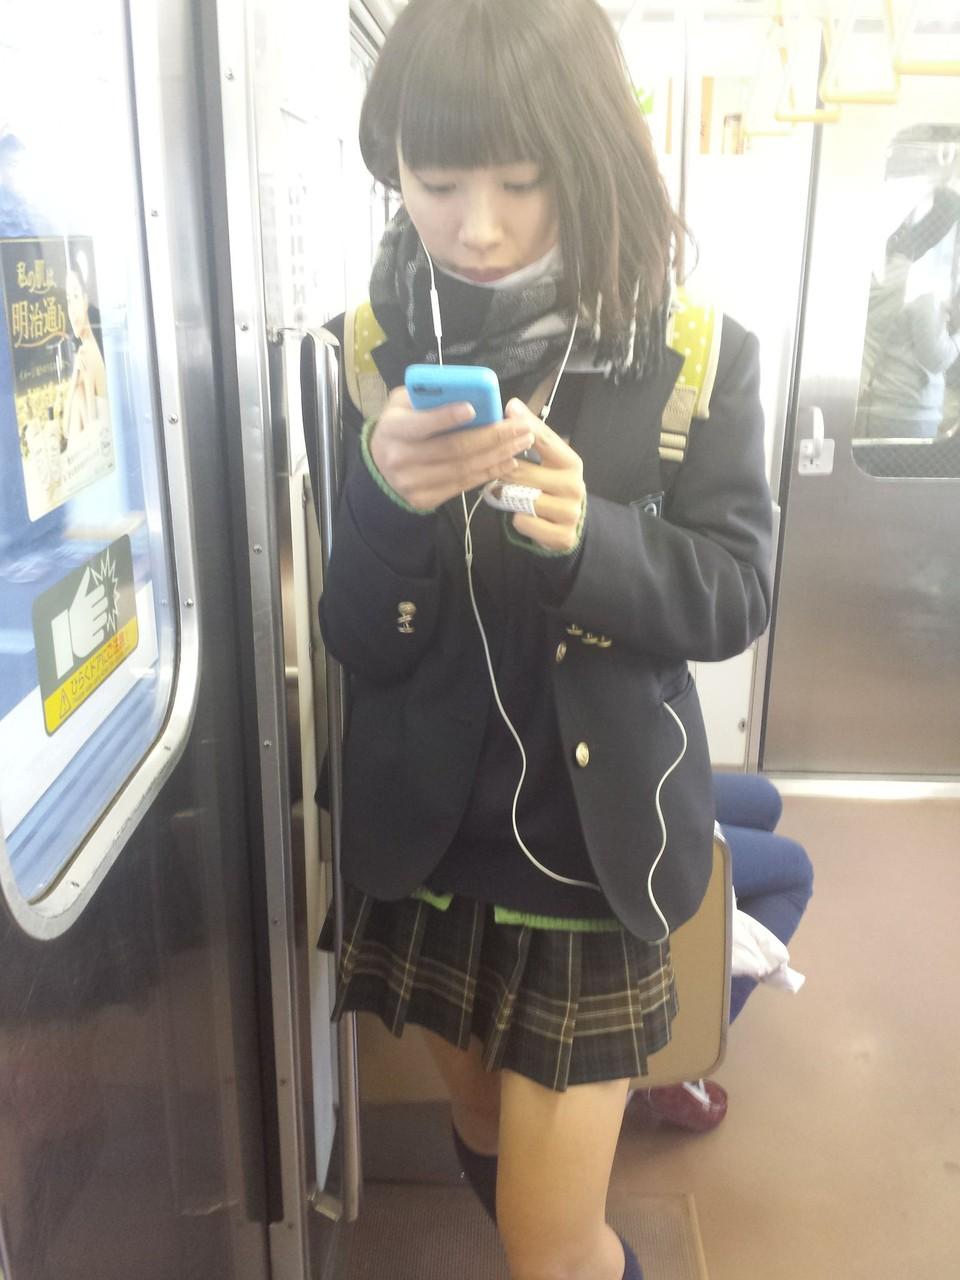 同じ女子高生をバレずに執拗に数枚撮り続けるwwwwwwwww qYjz2nW